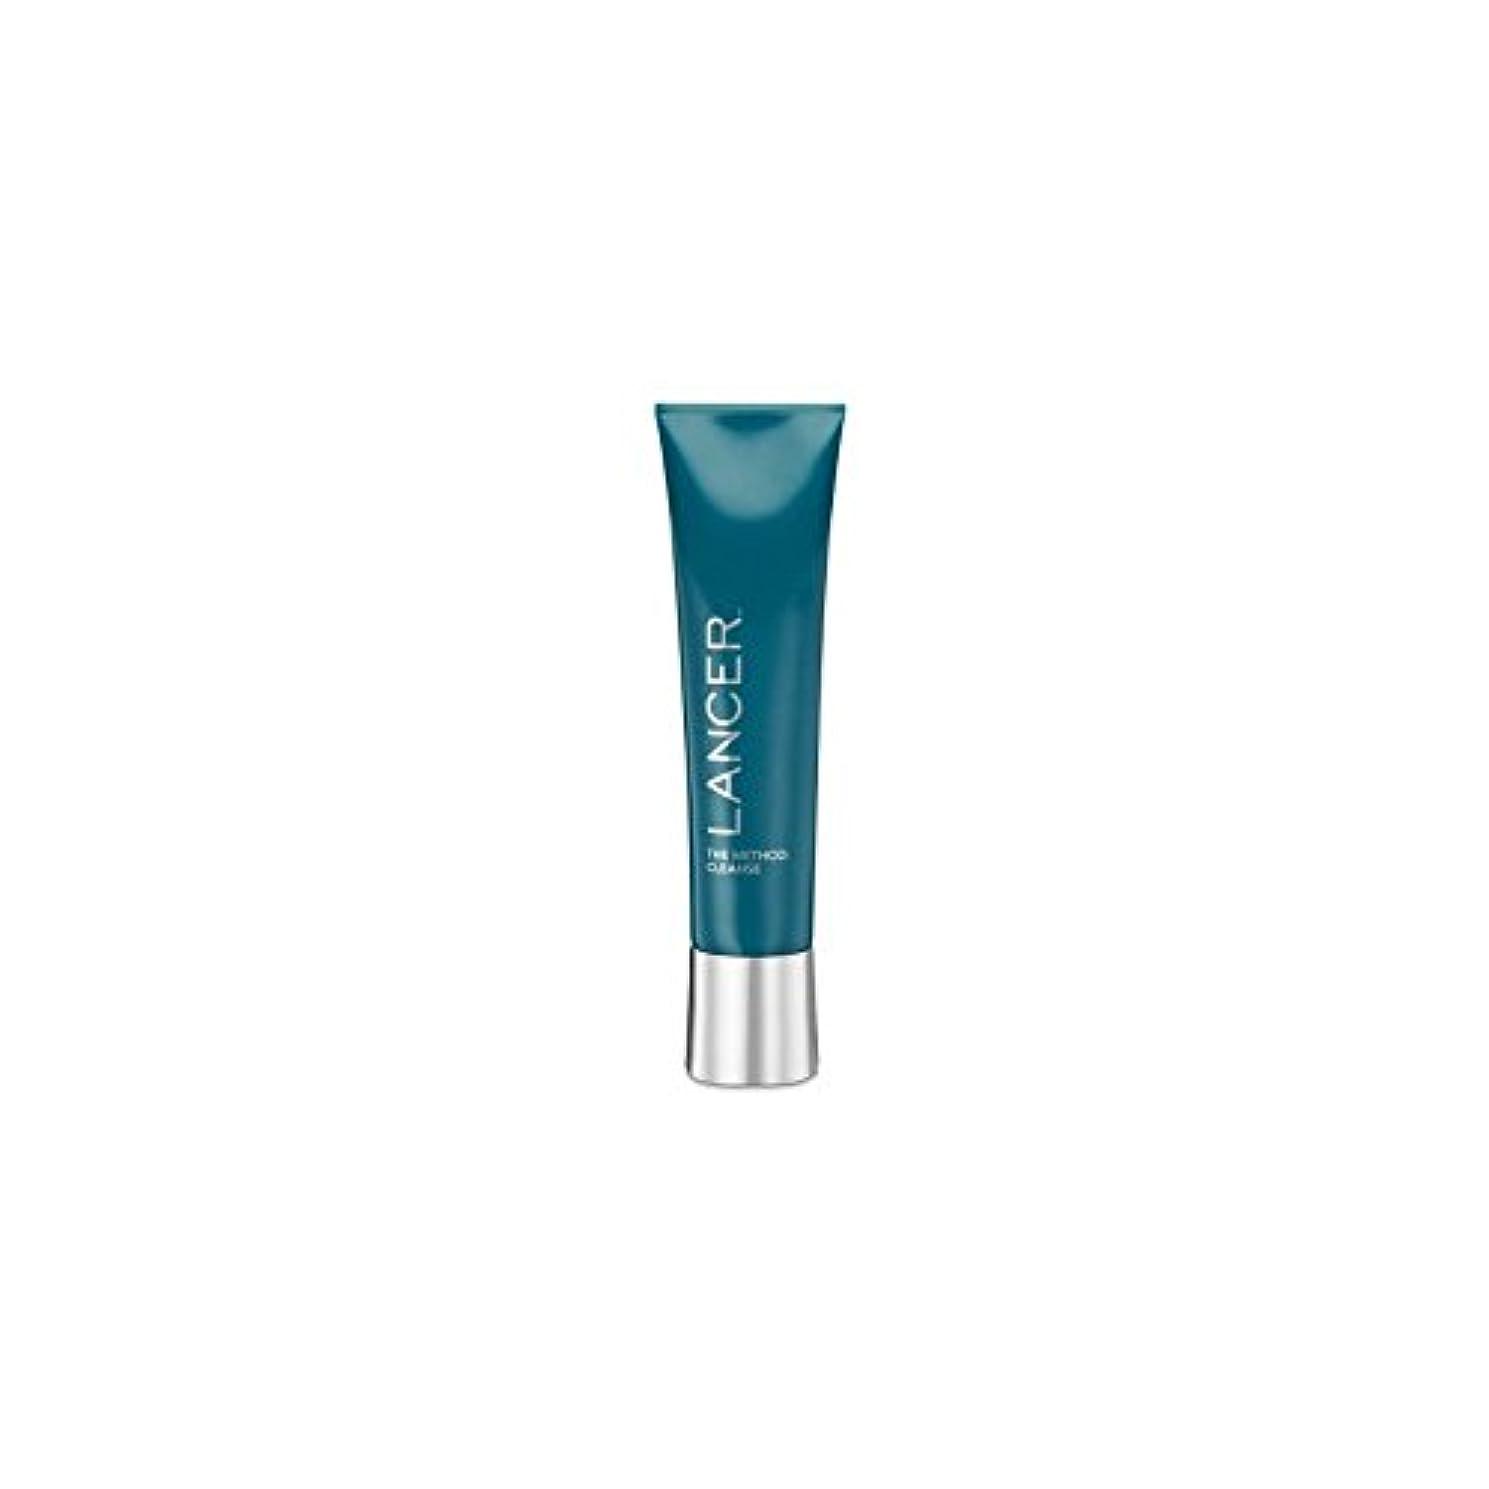 噴出する支給模倣Lancer Skincare The Method: Cleanser (120ml) (Pack of 6) - クレンザー(120ミリリットル):ランサーは、メソッドをスキンケア x6 [並行輸入品]